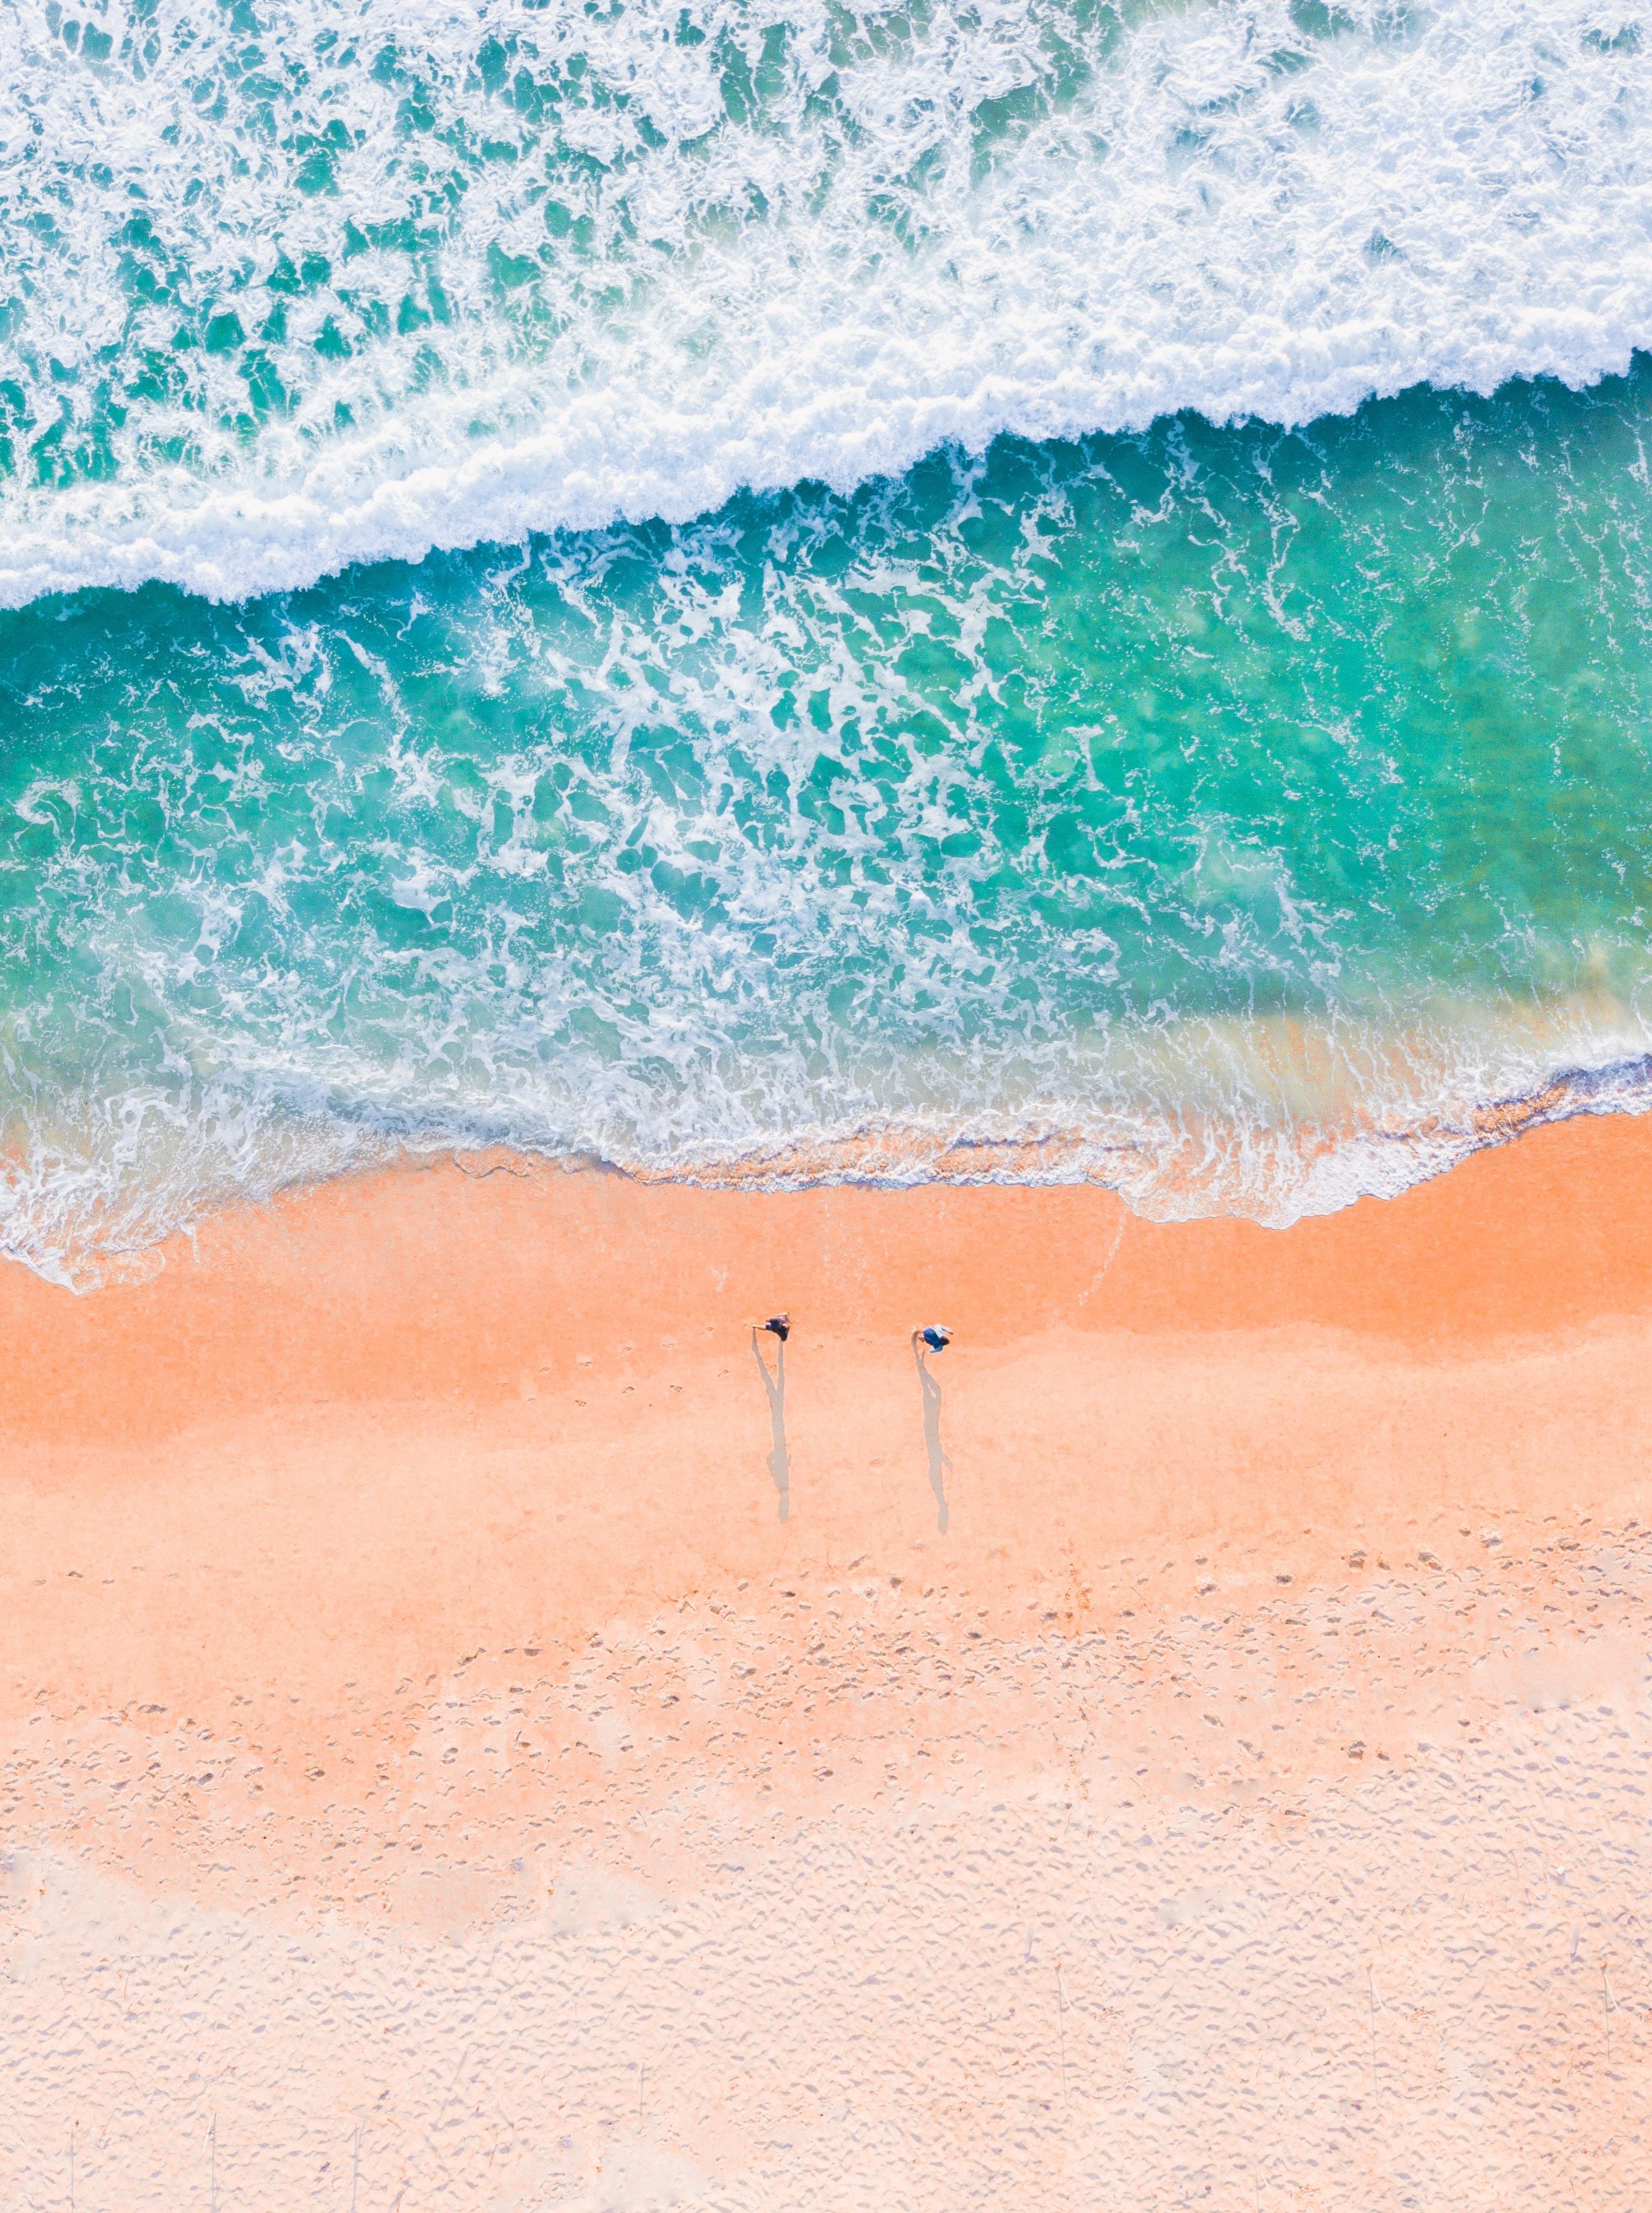 西海岸インテリアを象徴する鮮やかなブルーと綺麗な砂浜が魅力的なカリフォルニアのビーチ